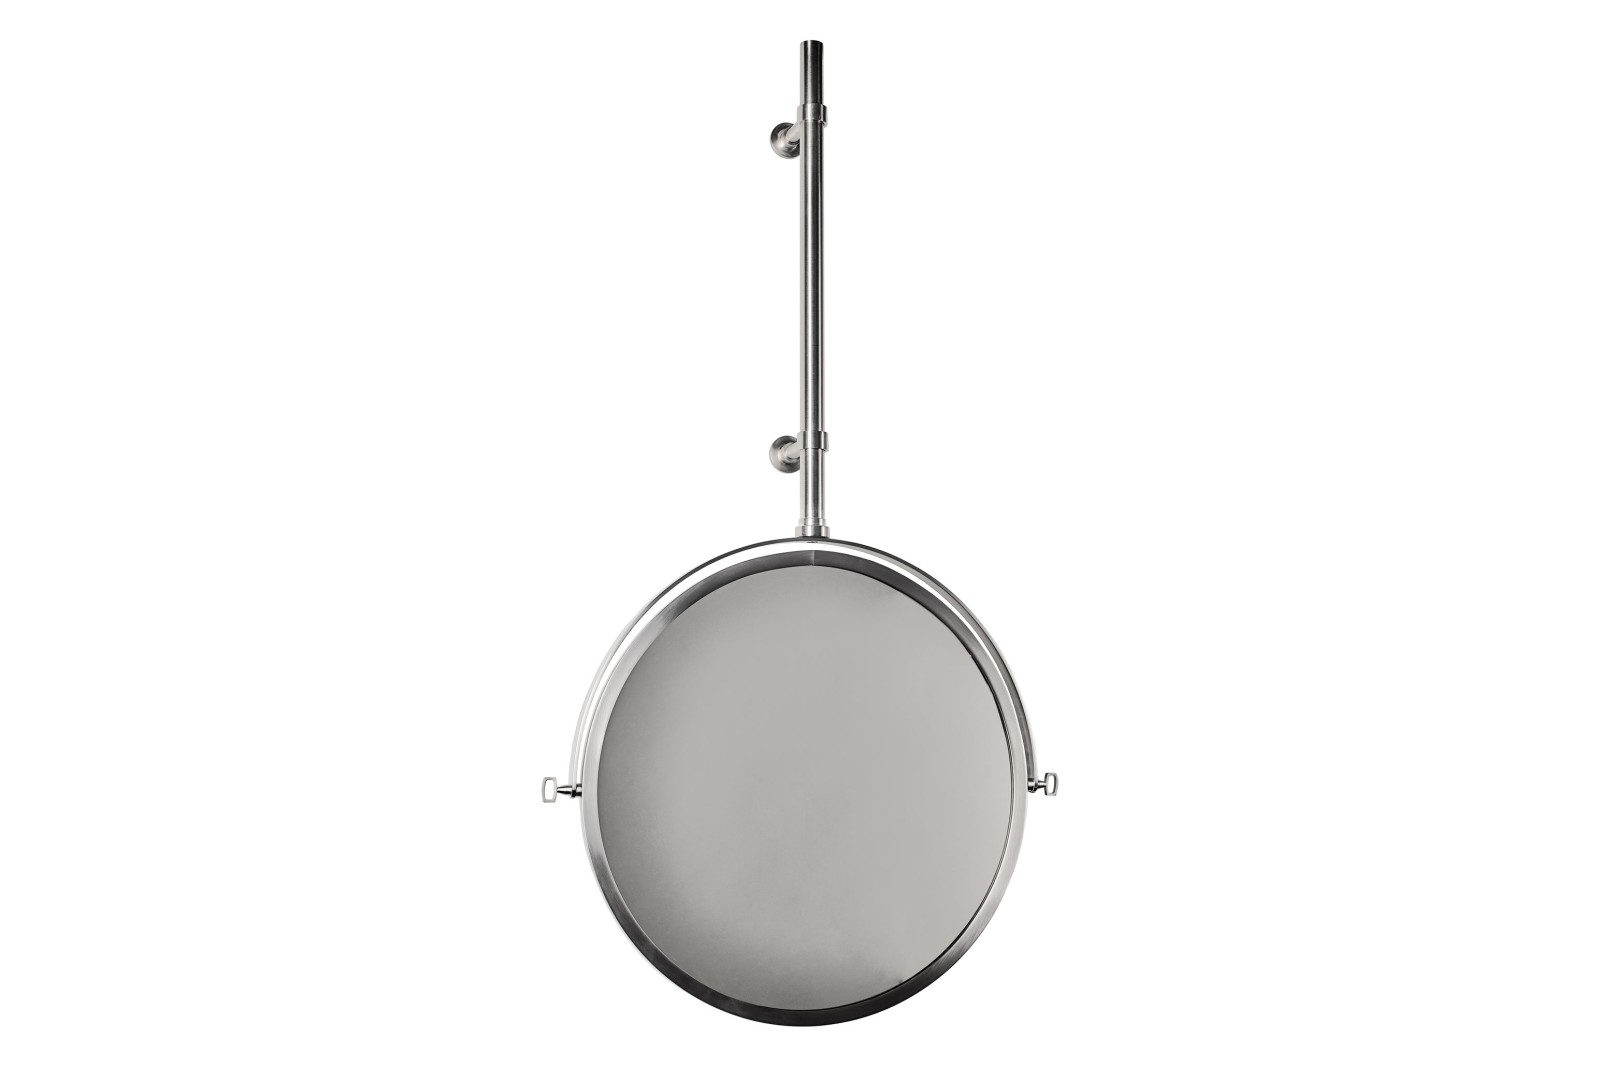 MbE Mirror Brushed Nickel